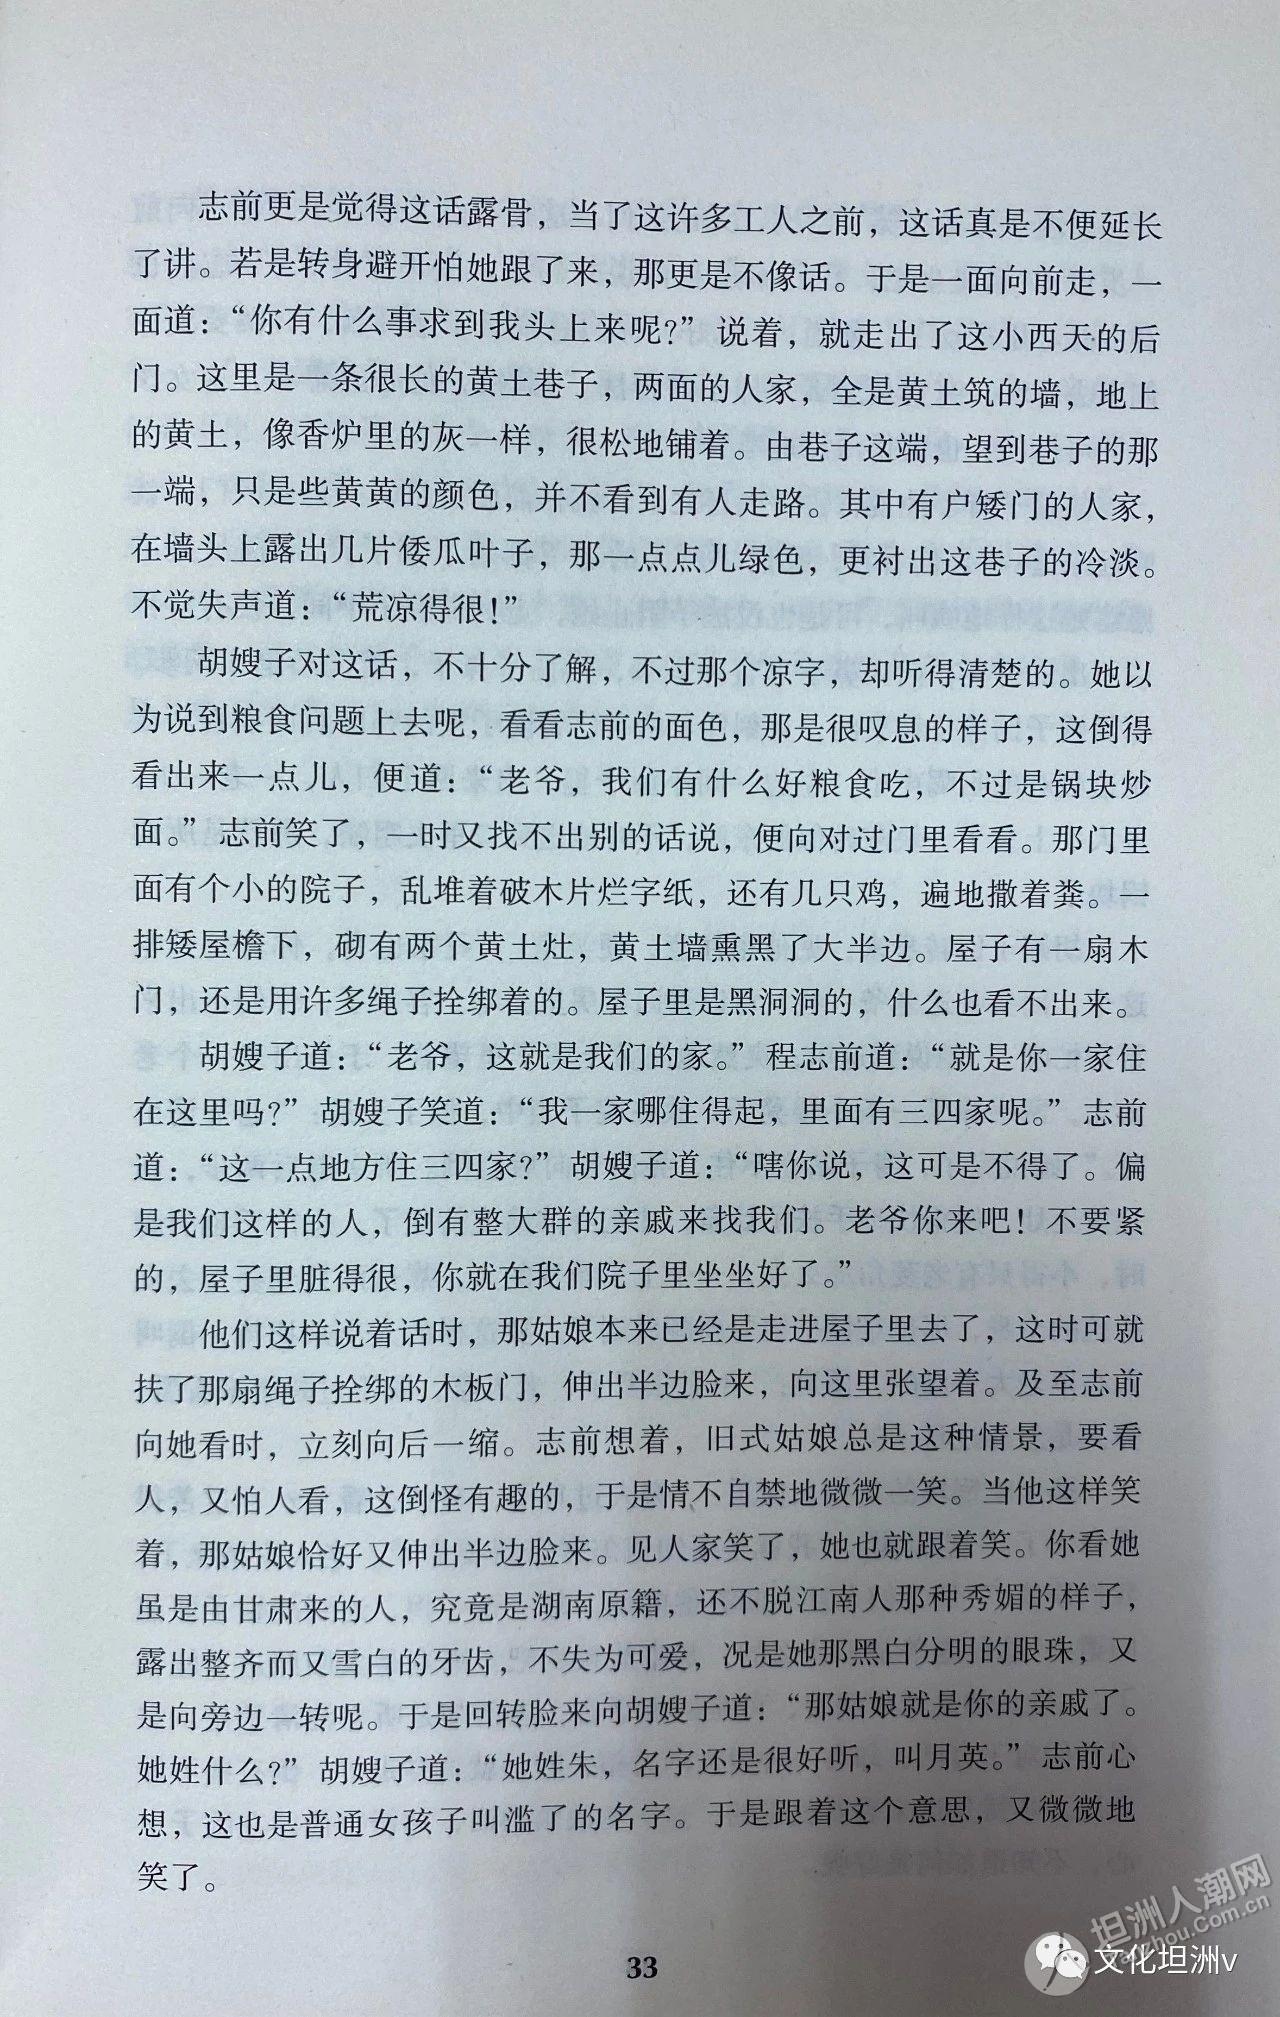 【赏心悦读】新书推介第33期:《小西天》